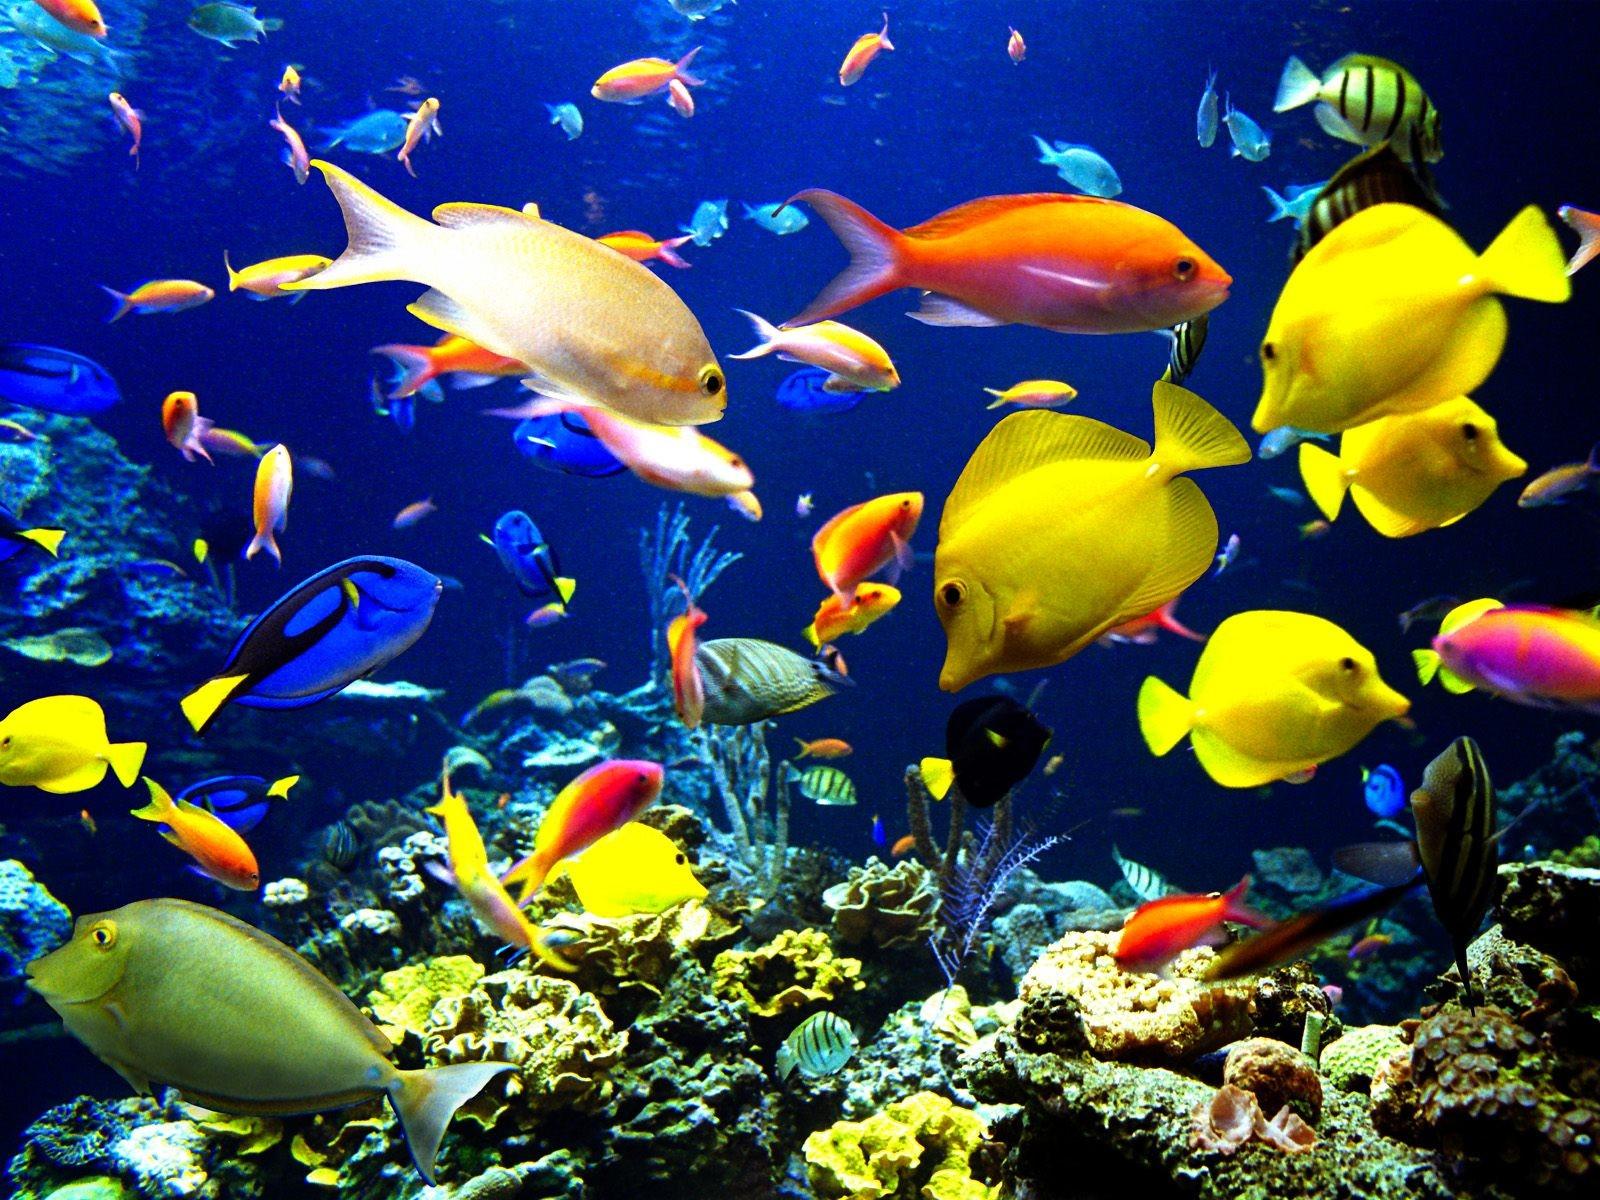 Dibujos de peces en el mar - Reino animal